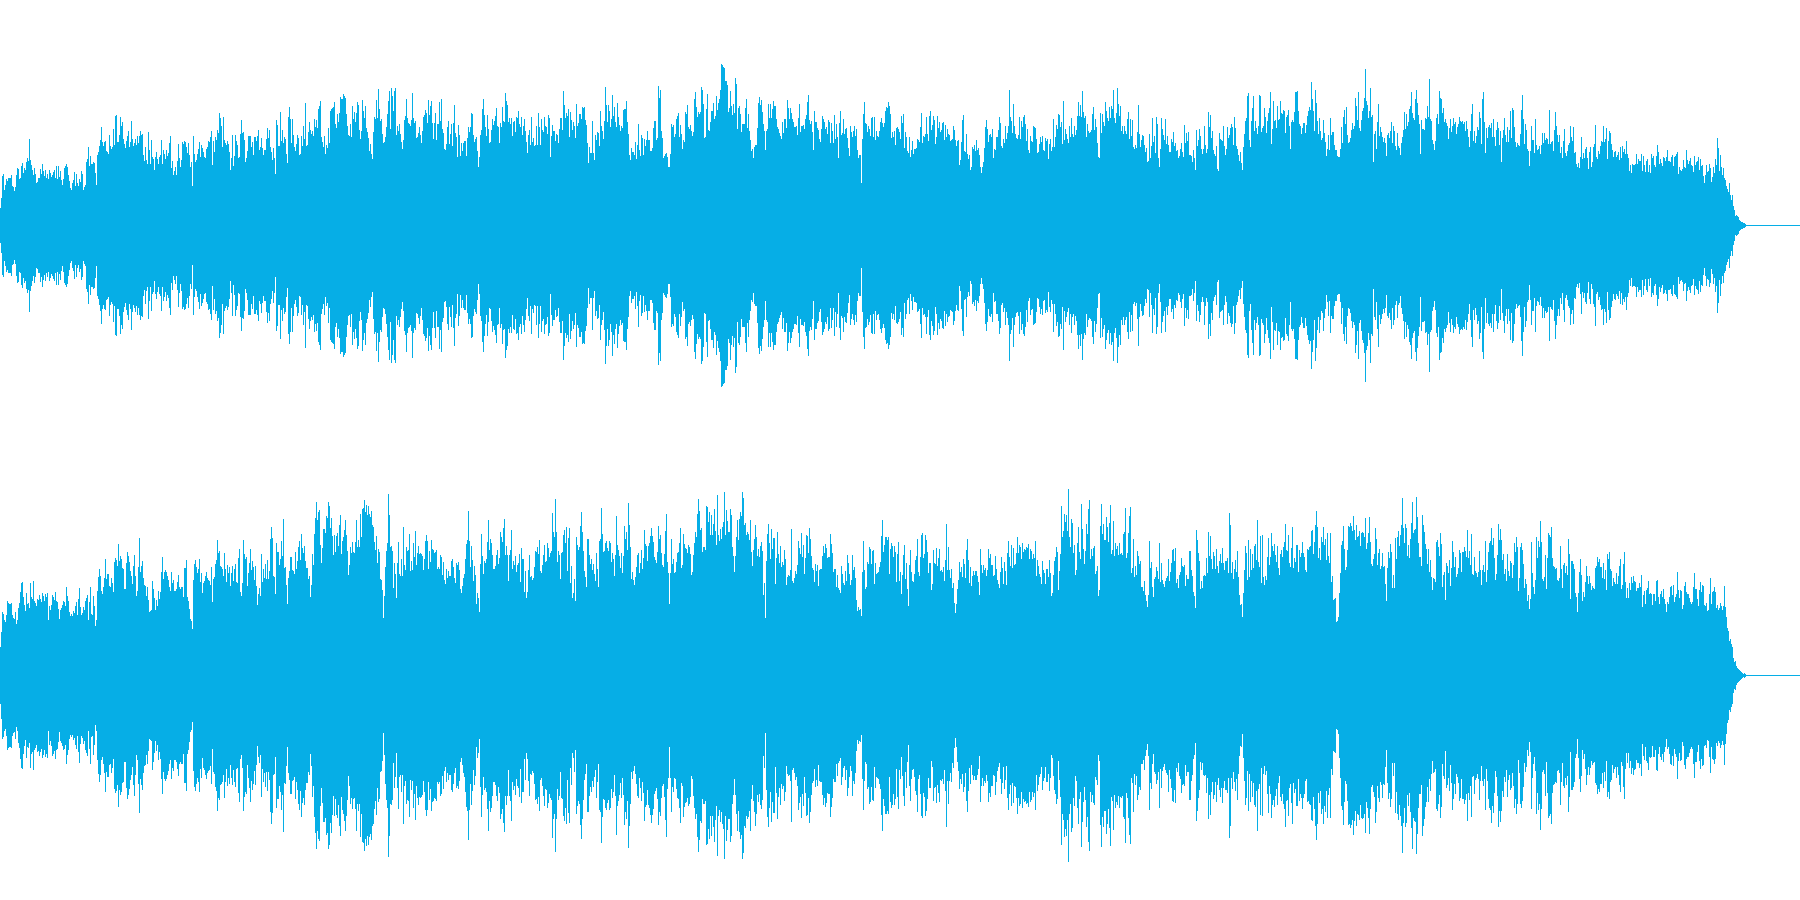 バイオリンのためのオリジナルバロック曲の再生済みの波形